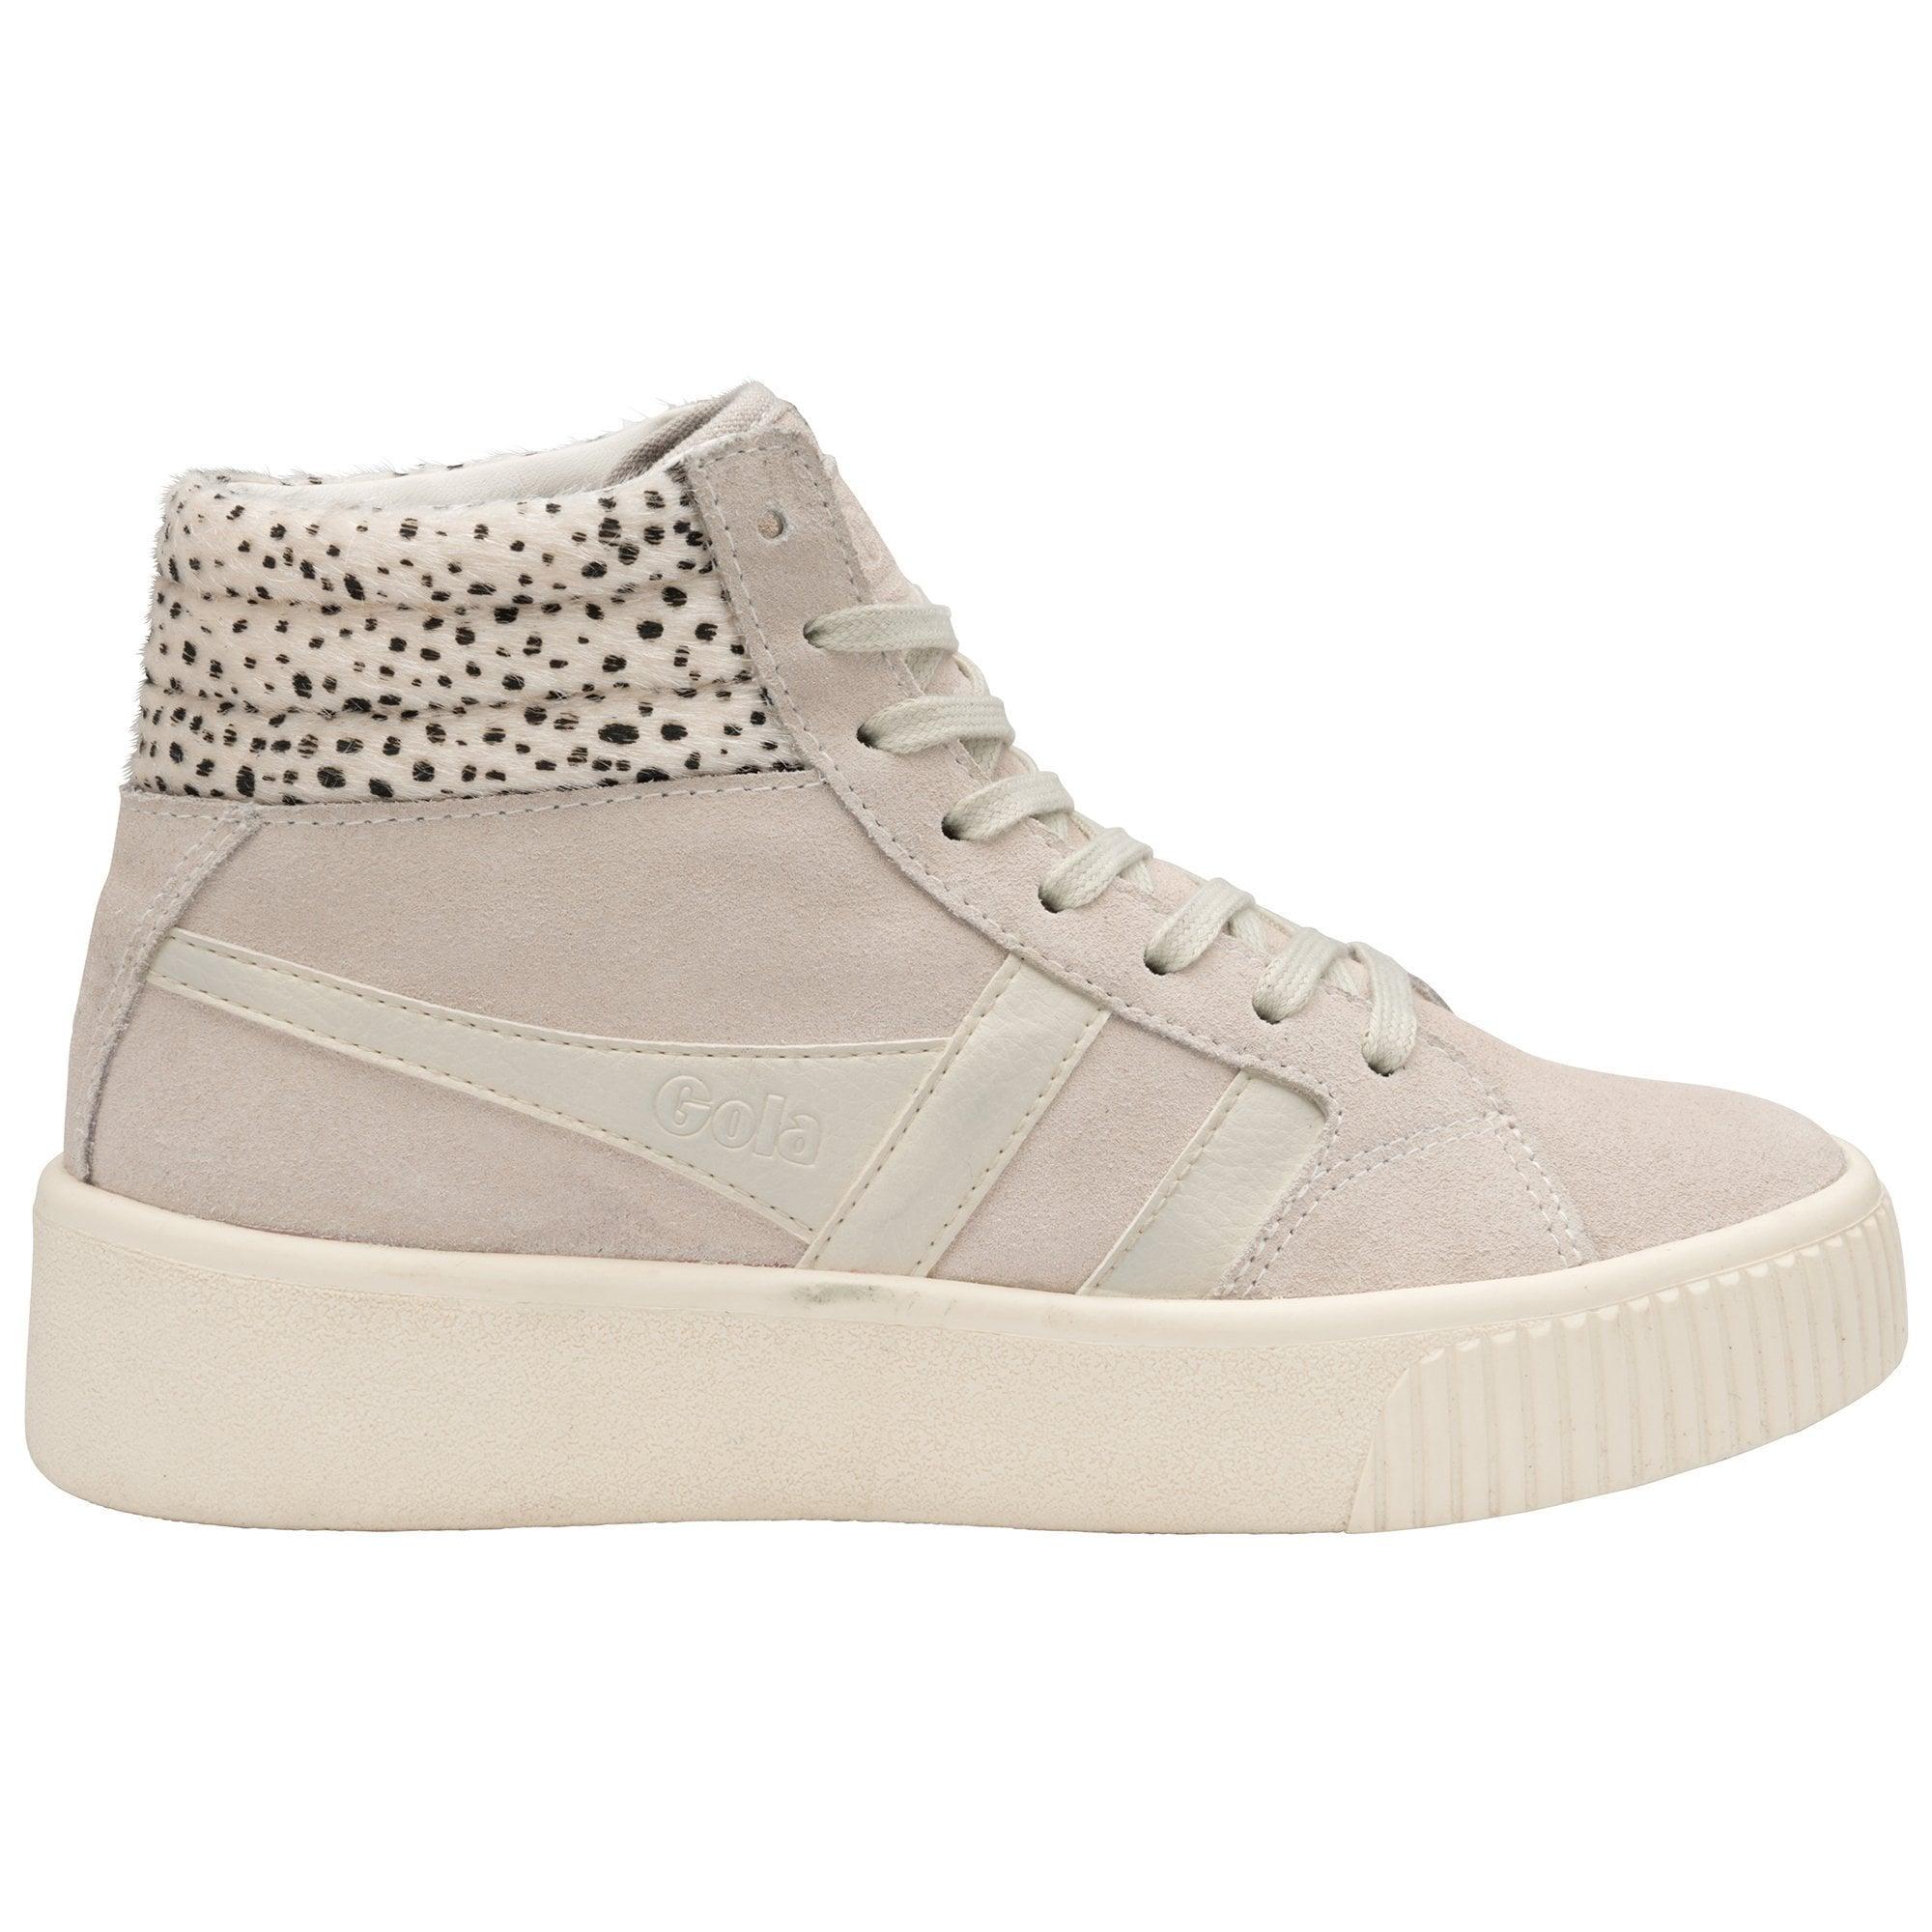 Buy Gola Baseline Savanna sneakers in